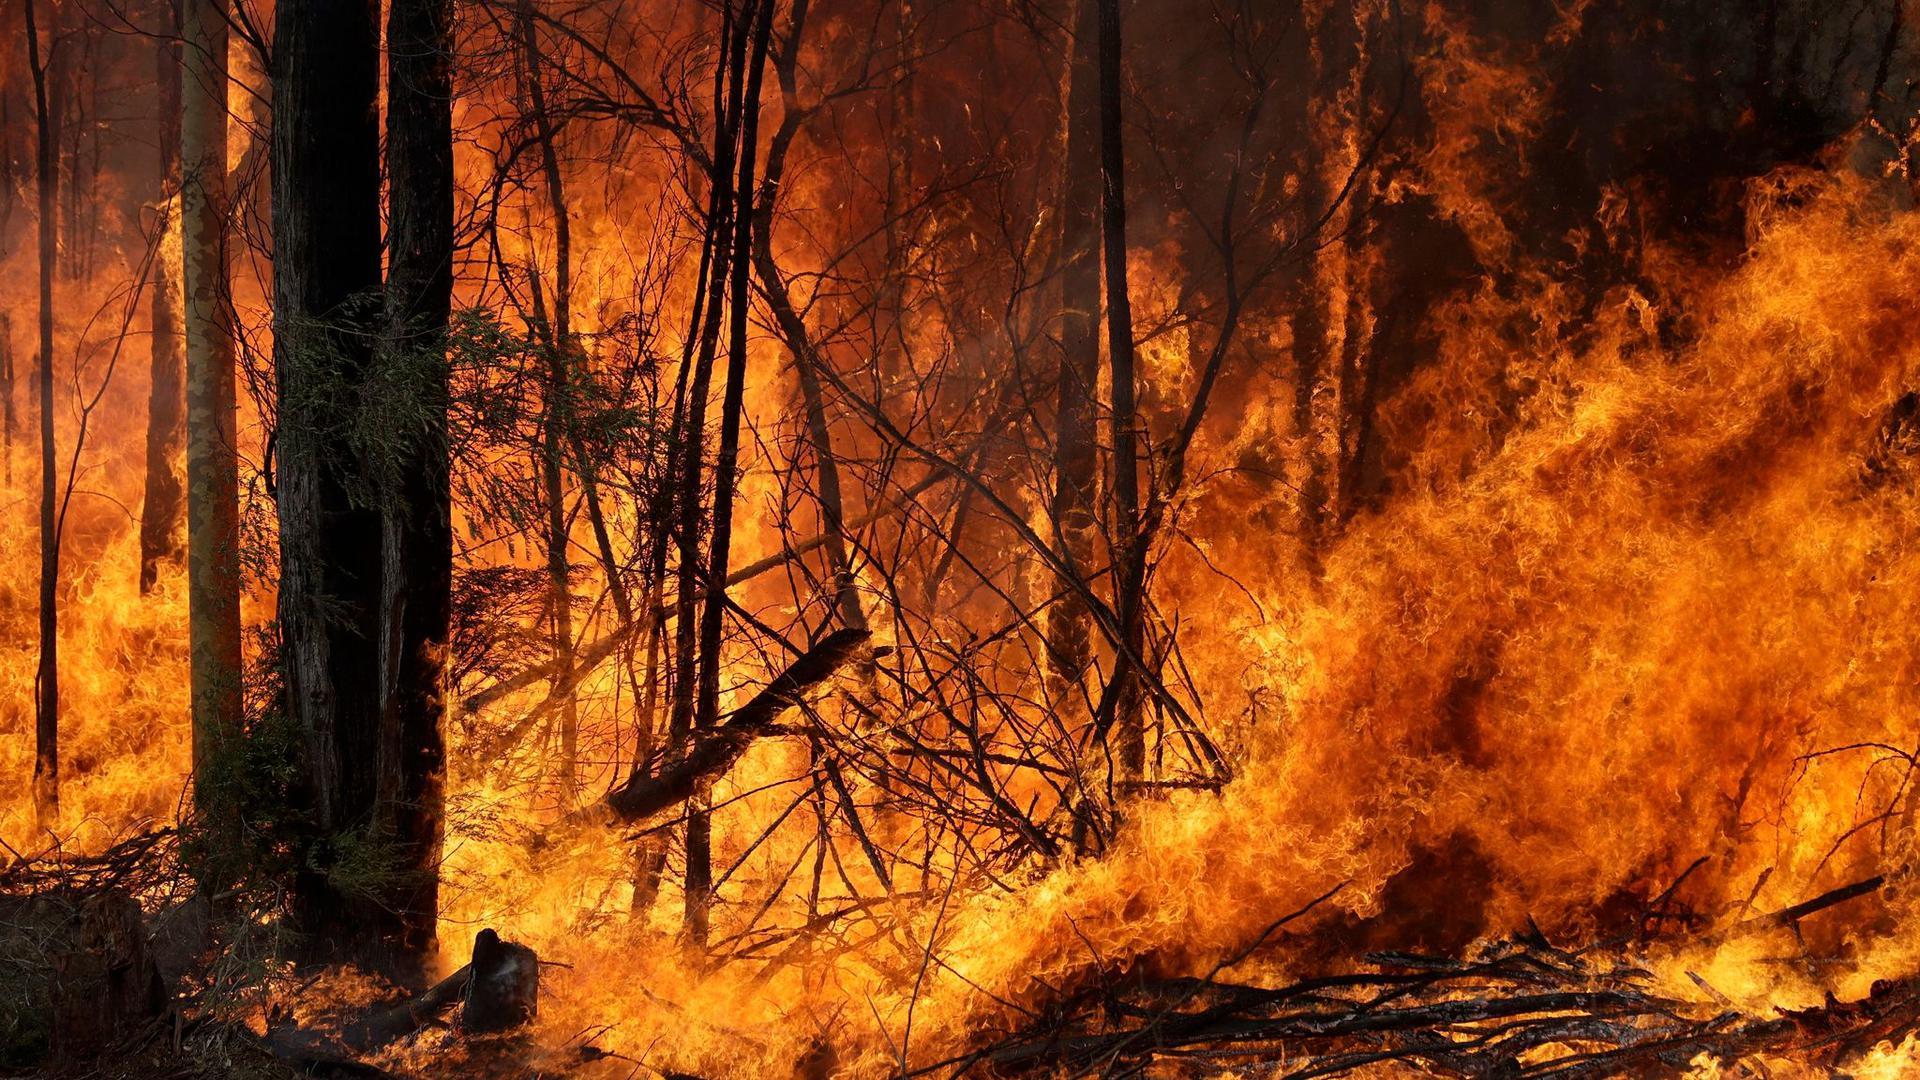 Waldbrände - wie hier in Australien - und andere Naturereignisse gefährden vor allem Menschen, die nicht sozial abgesichert sind.